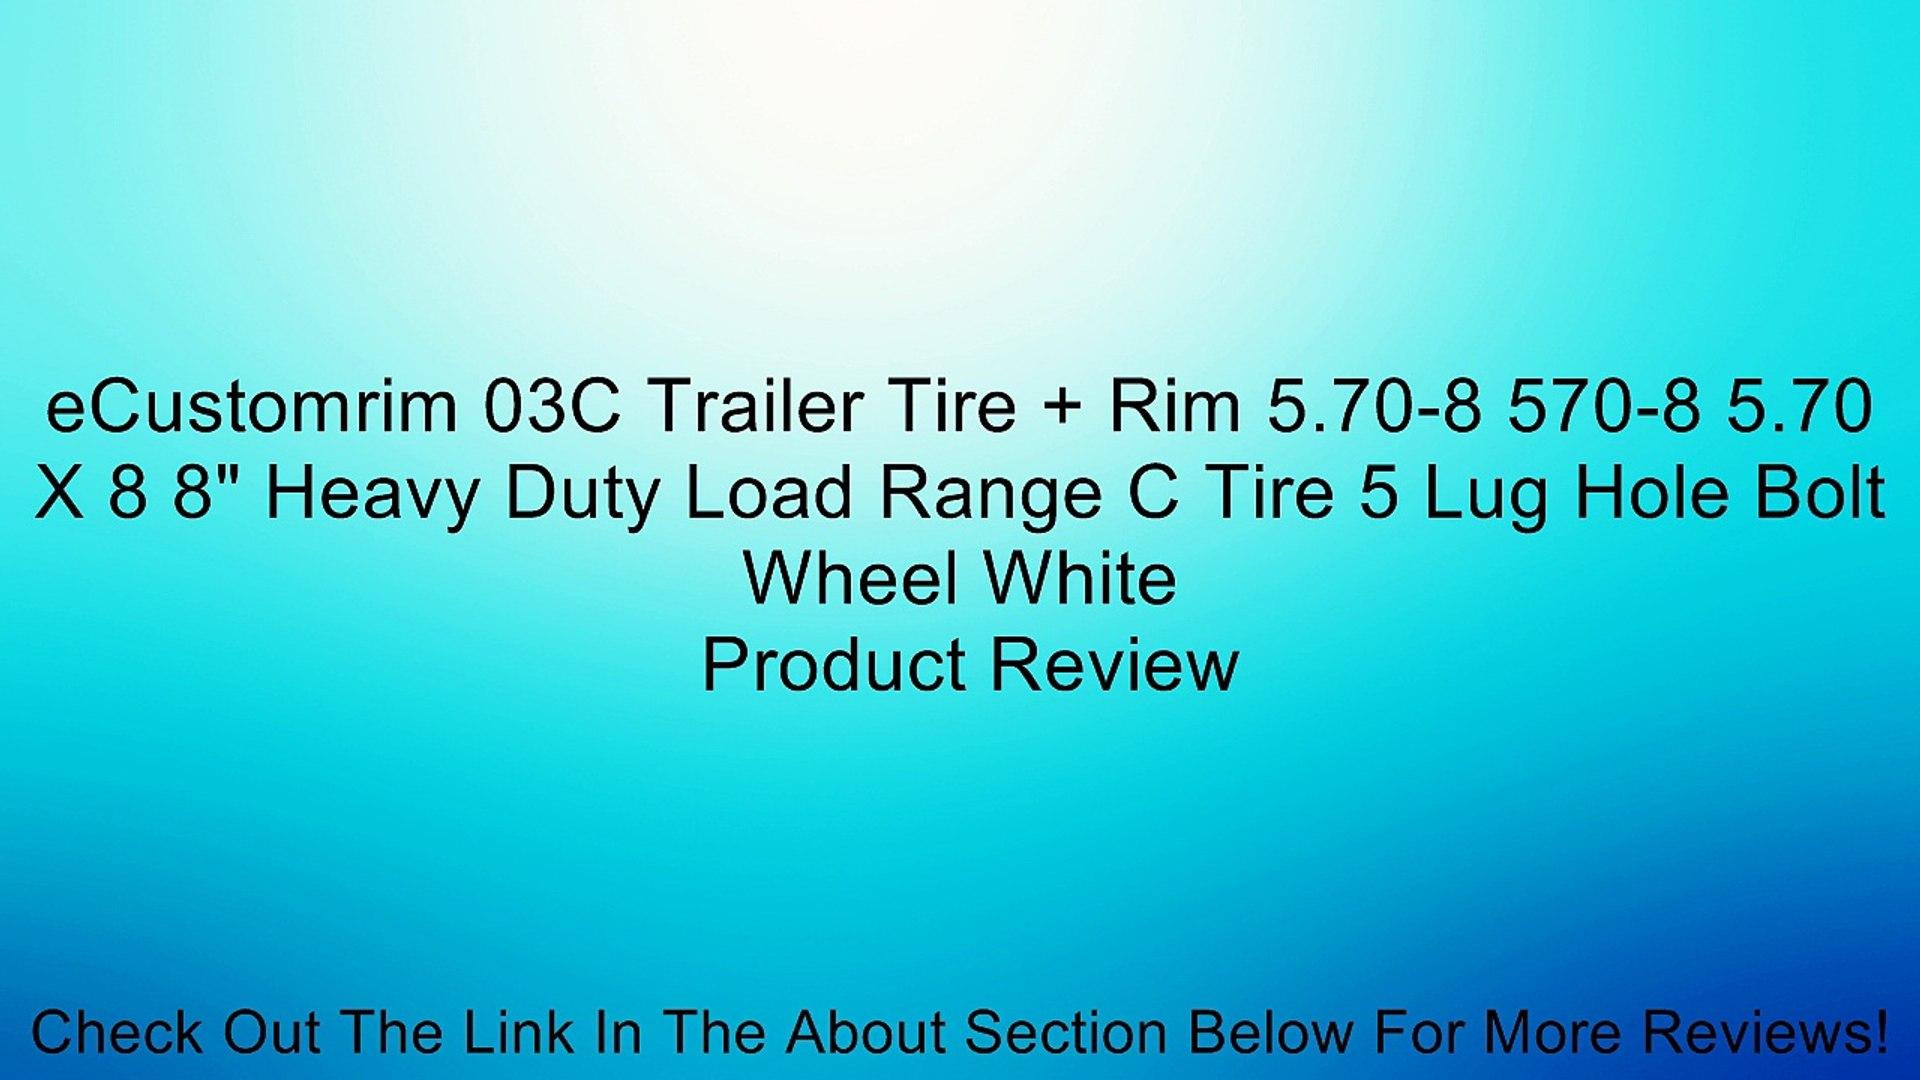 eCustomrim 03C Trailer Tire + Rim 5.70-8 570-8 5.70 X 8 8